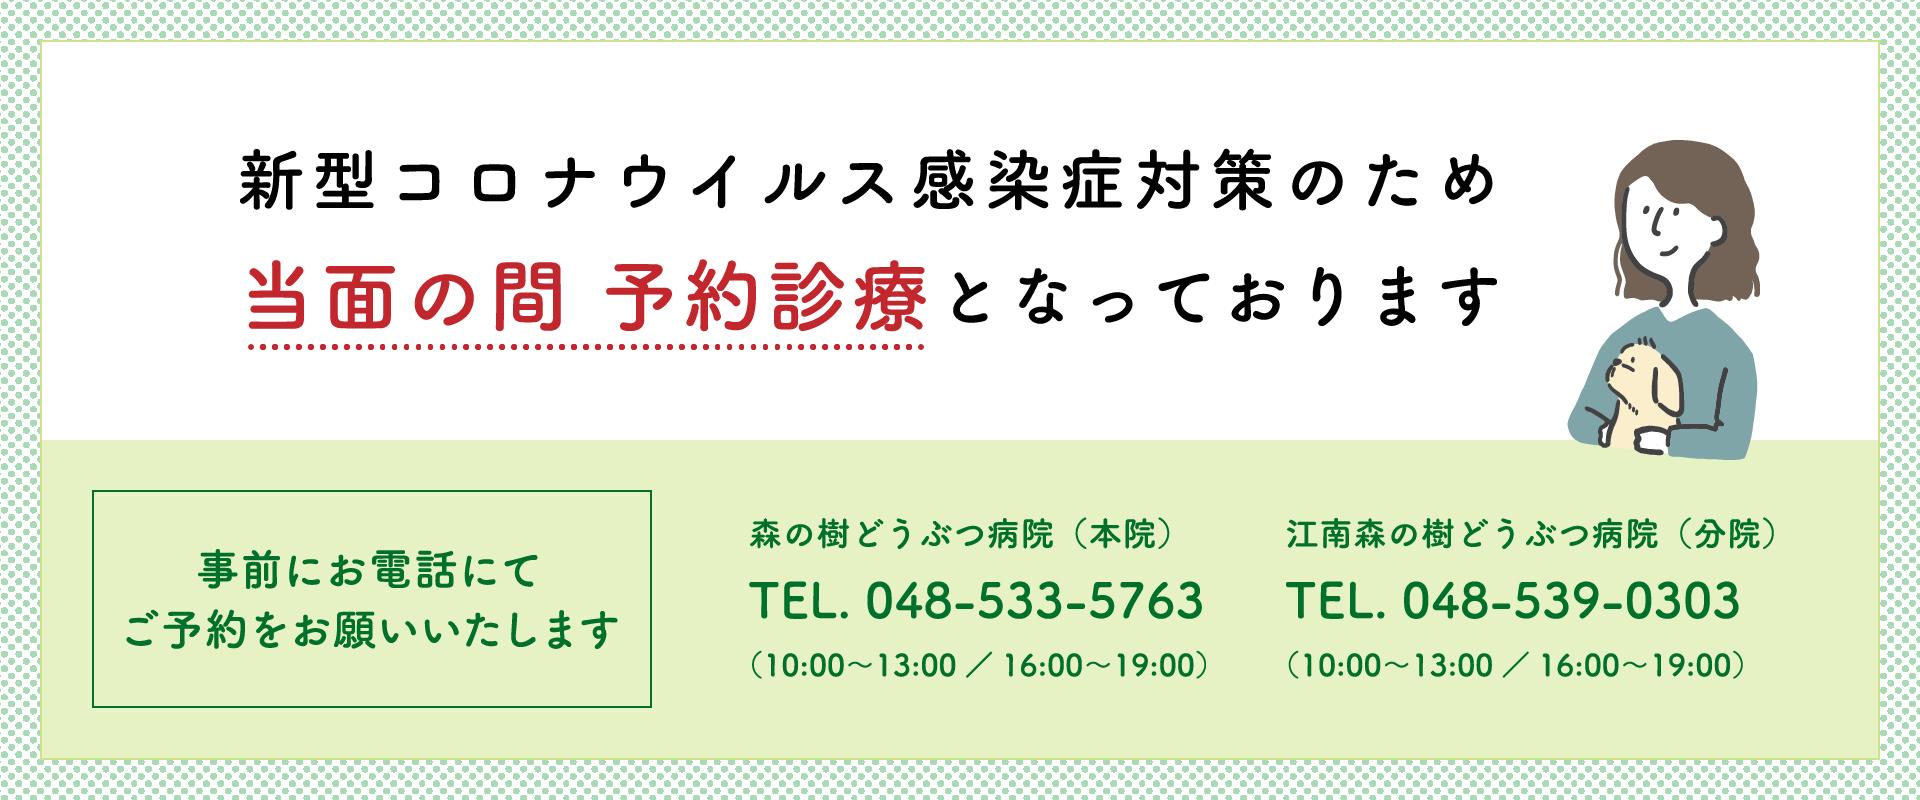 県 新型 ウイルス 埼玉 病院 コロナ